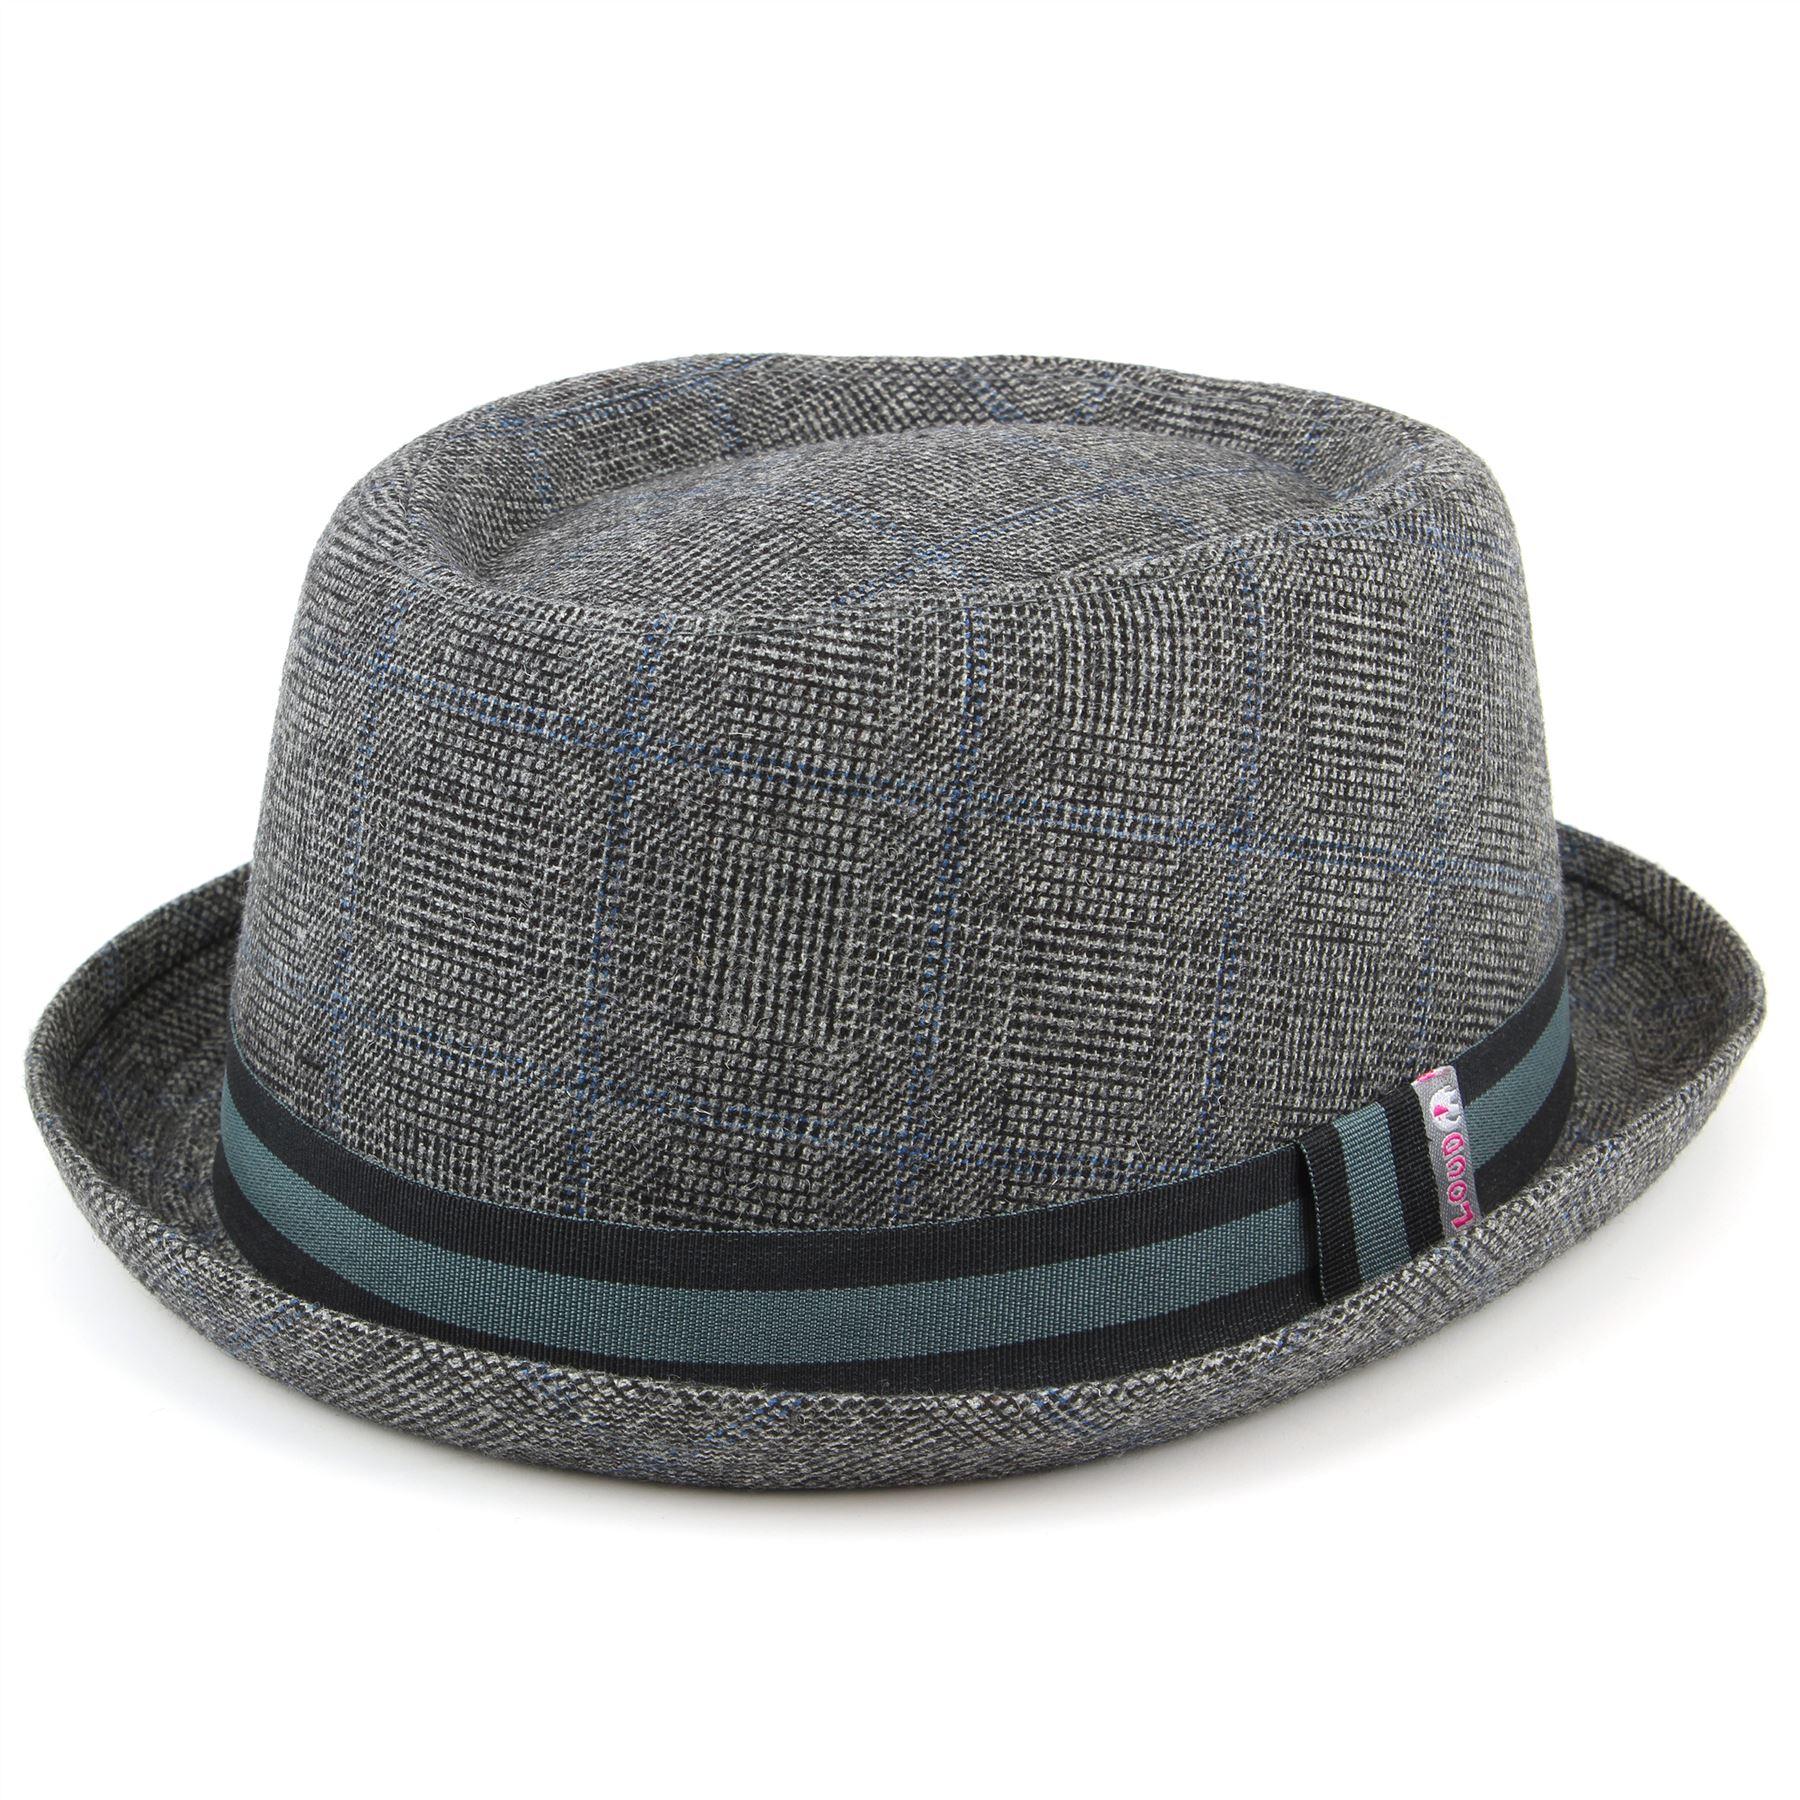 Luz de cerdo Tweed sombrero de la empanada de fieltro gris con banda  grosgrain negro y gris. 9b000aa6944